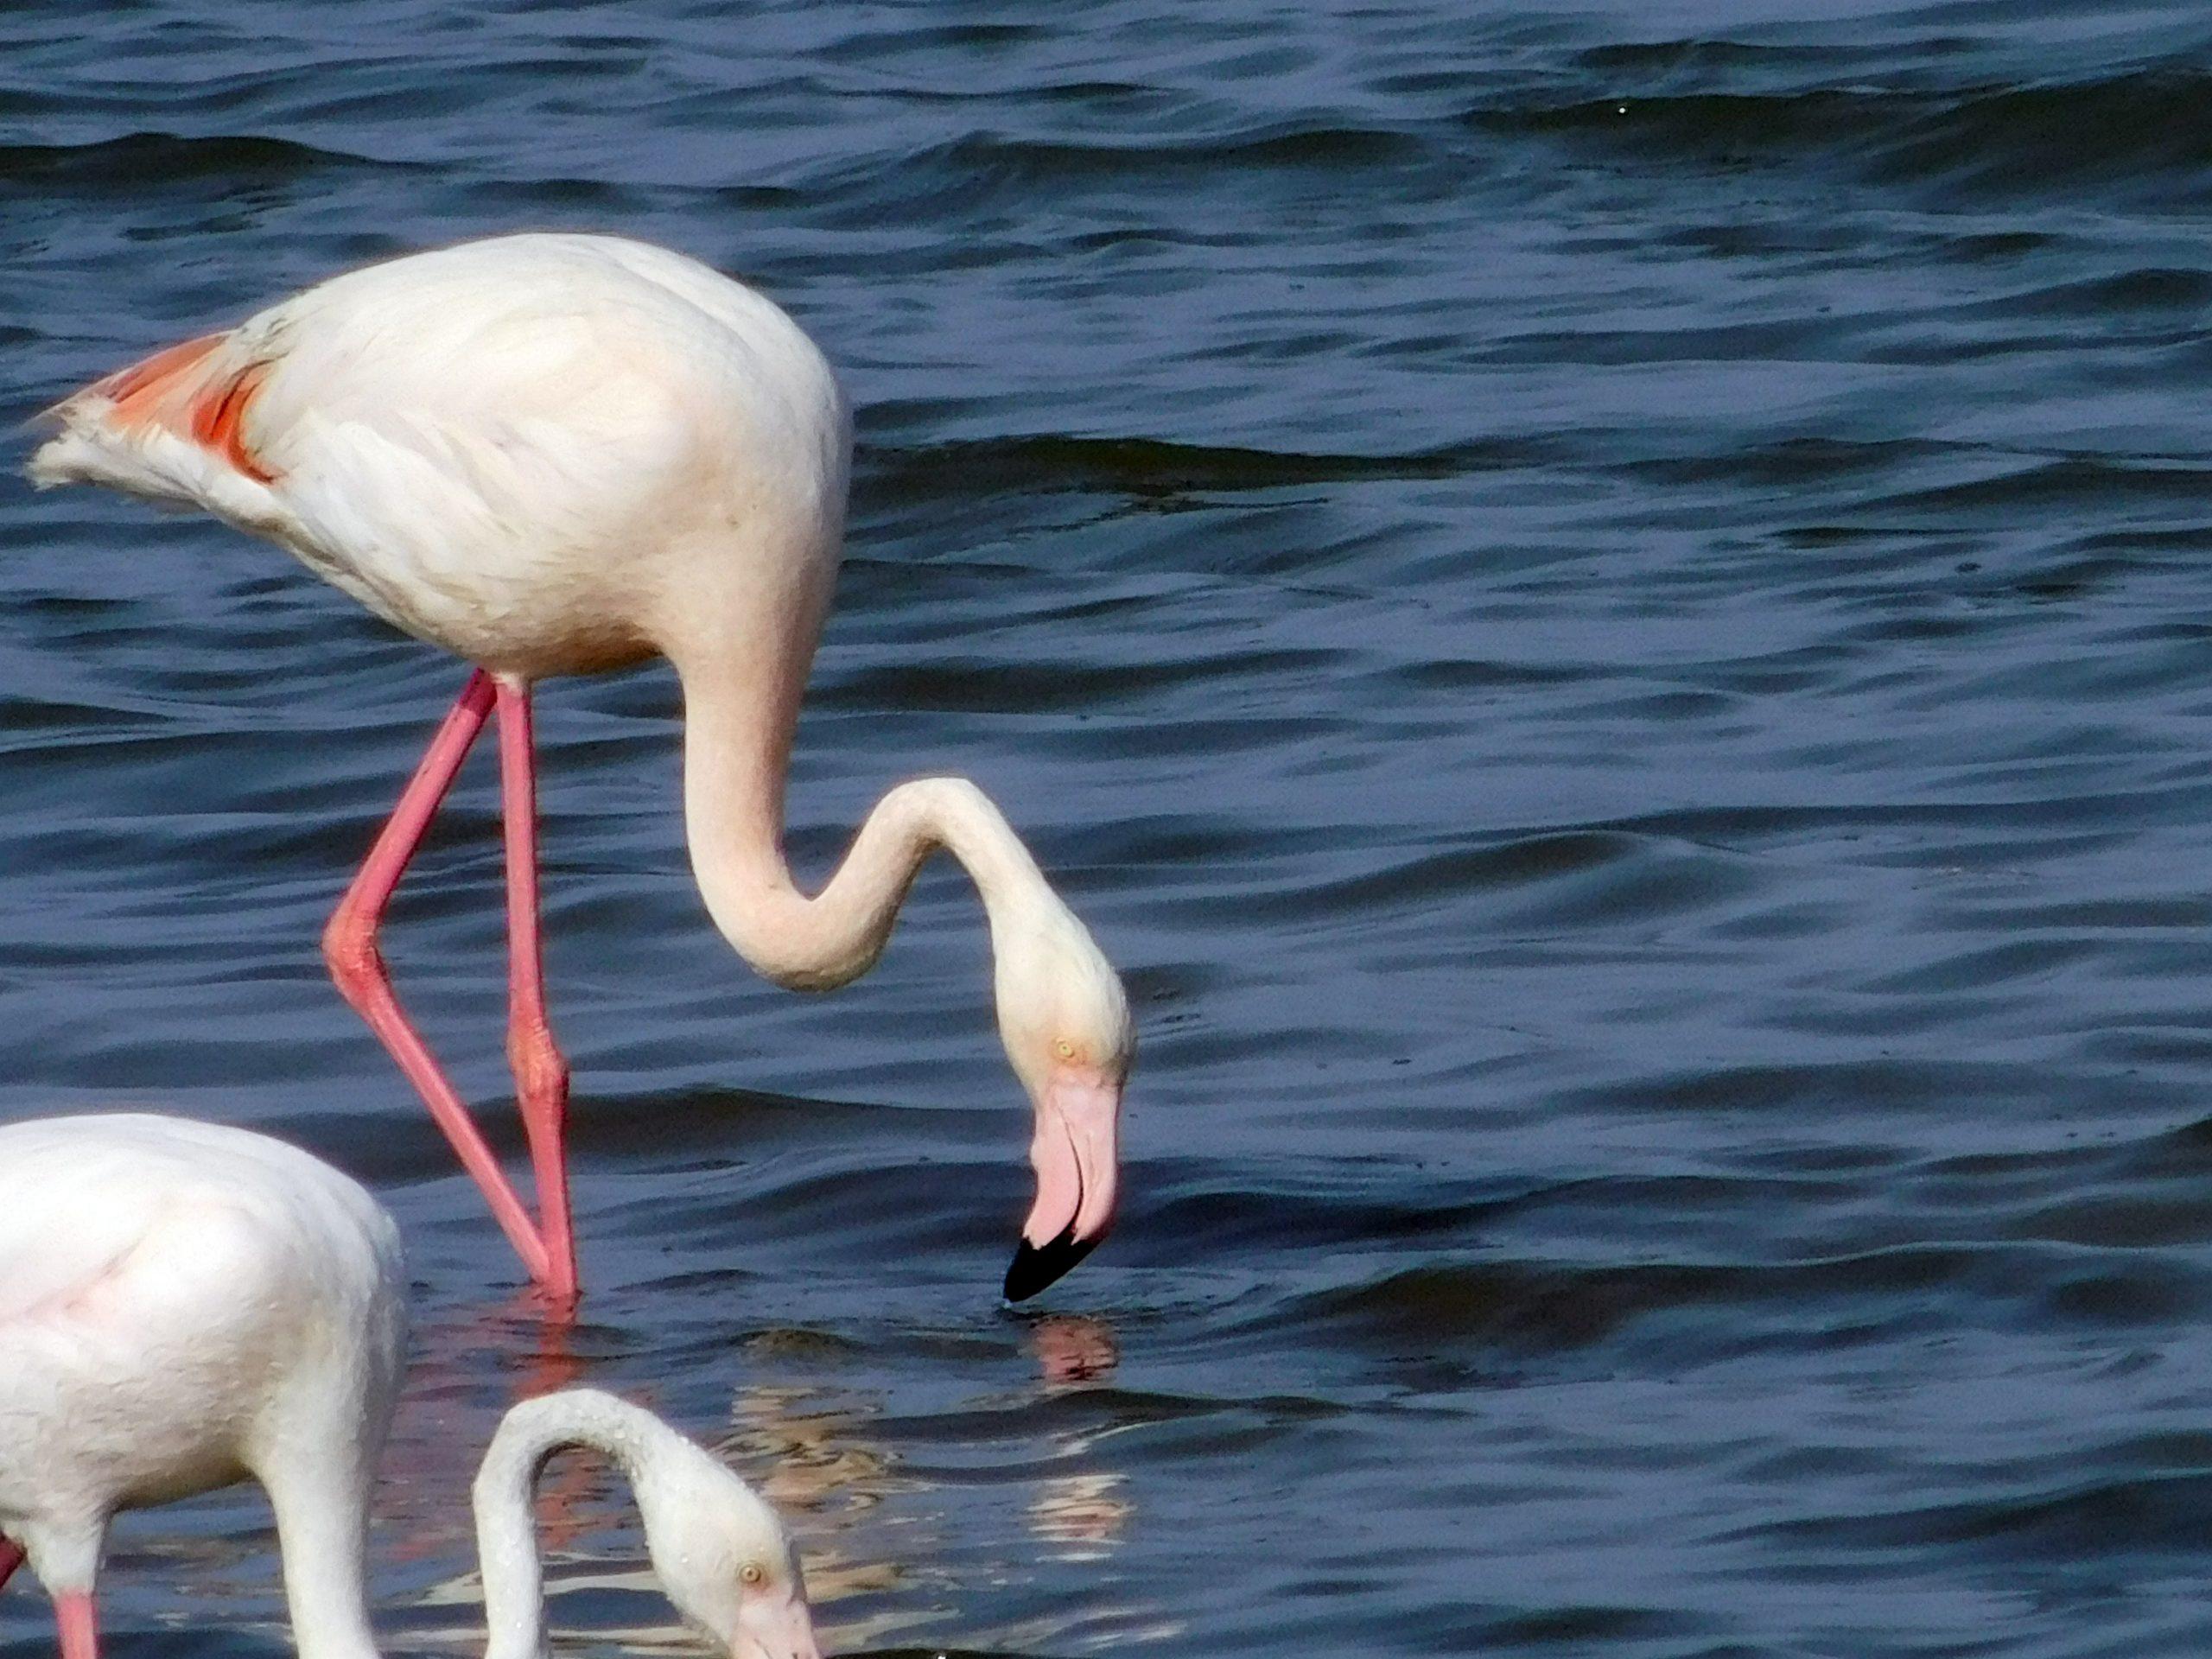 fenicottero dalle zampe rosa e corpo chiaro, con le zampe in acqua e collo abbassato